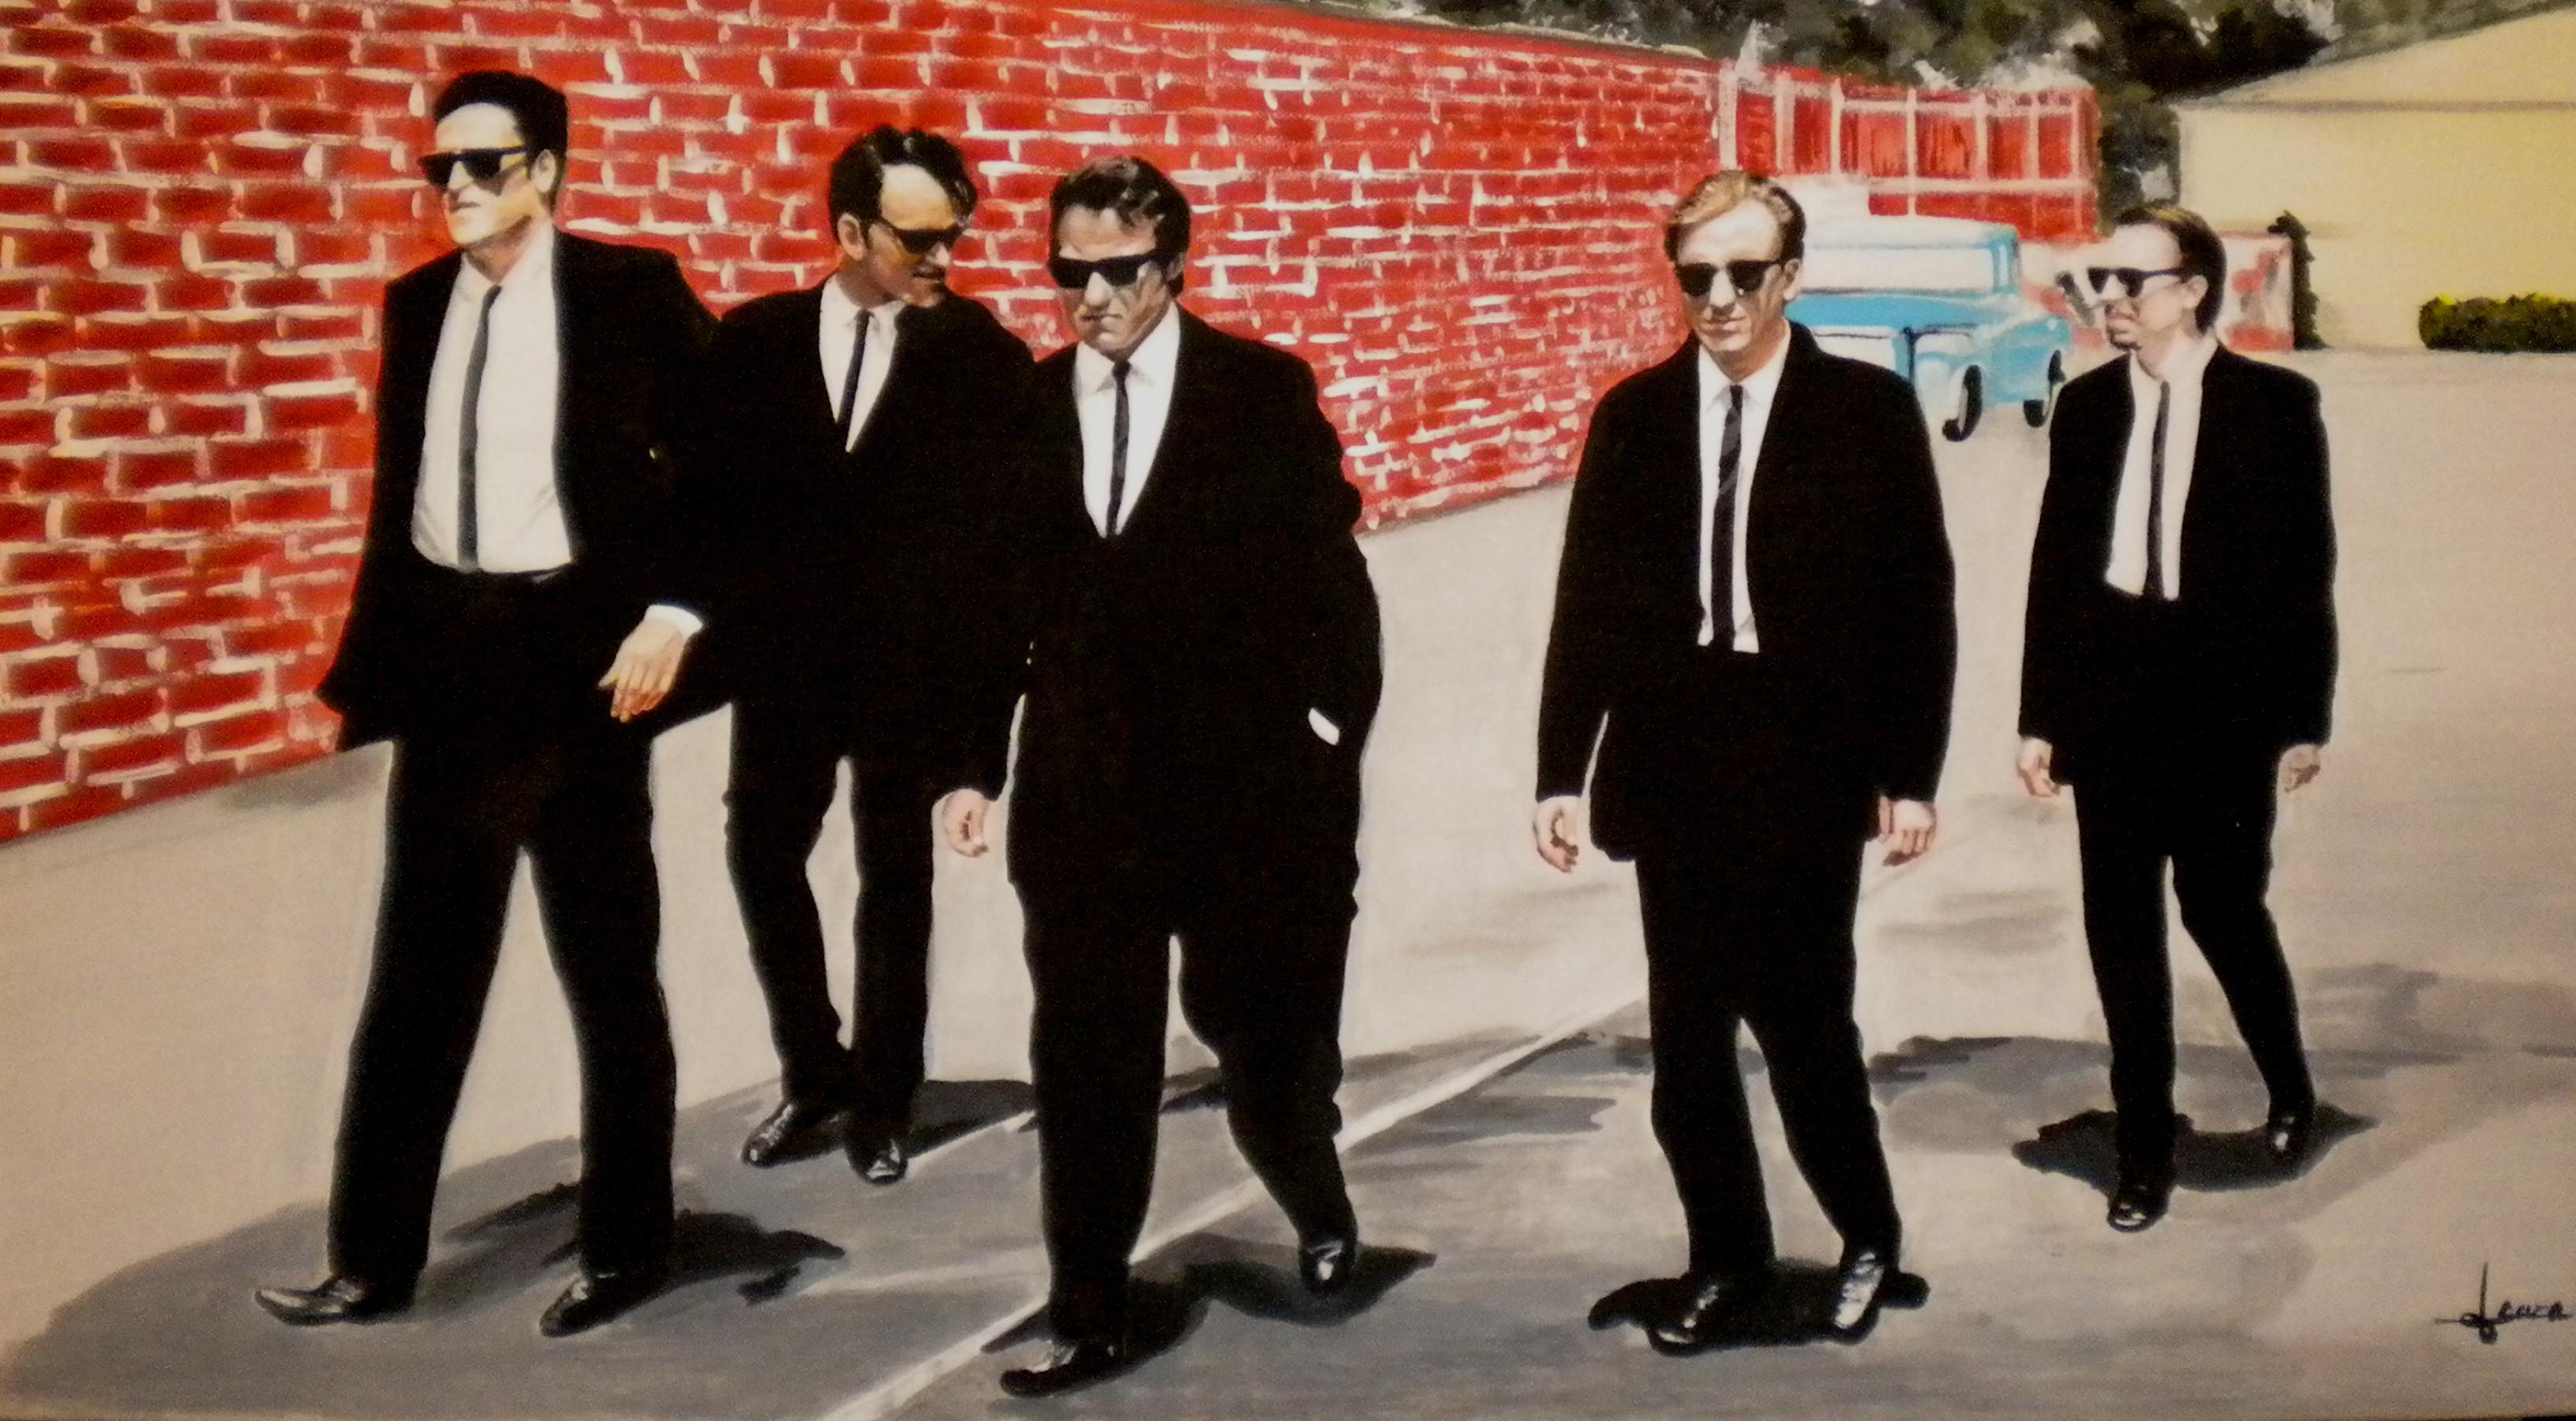 Reservoir Dogs Wallpaper. detsky-nabytek.info